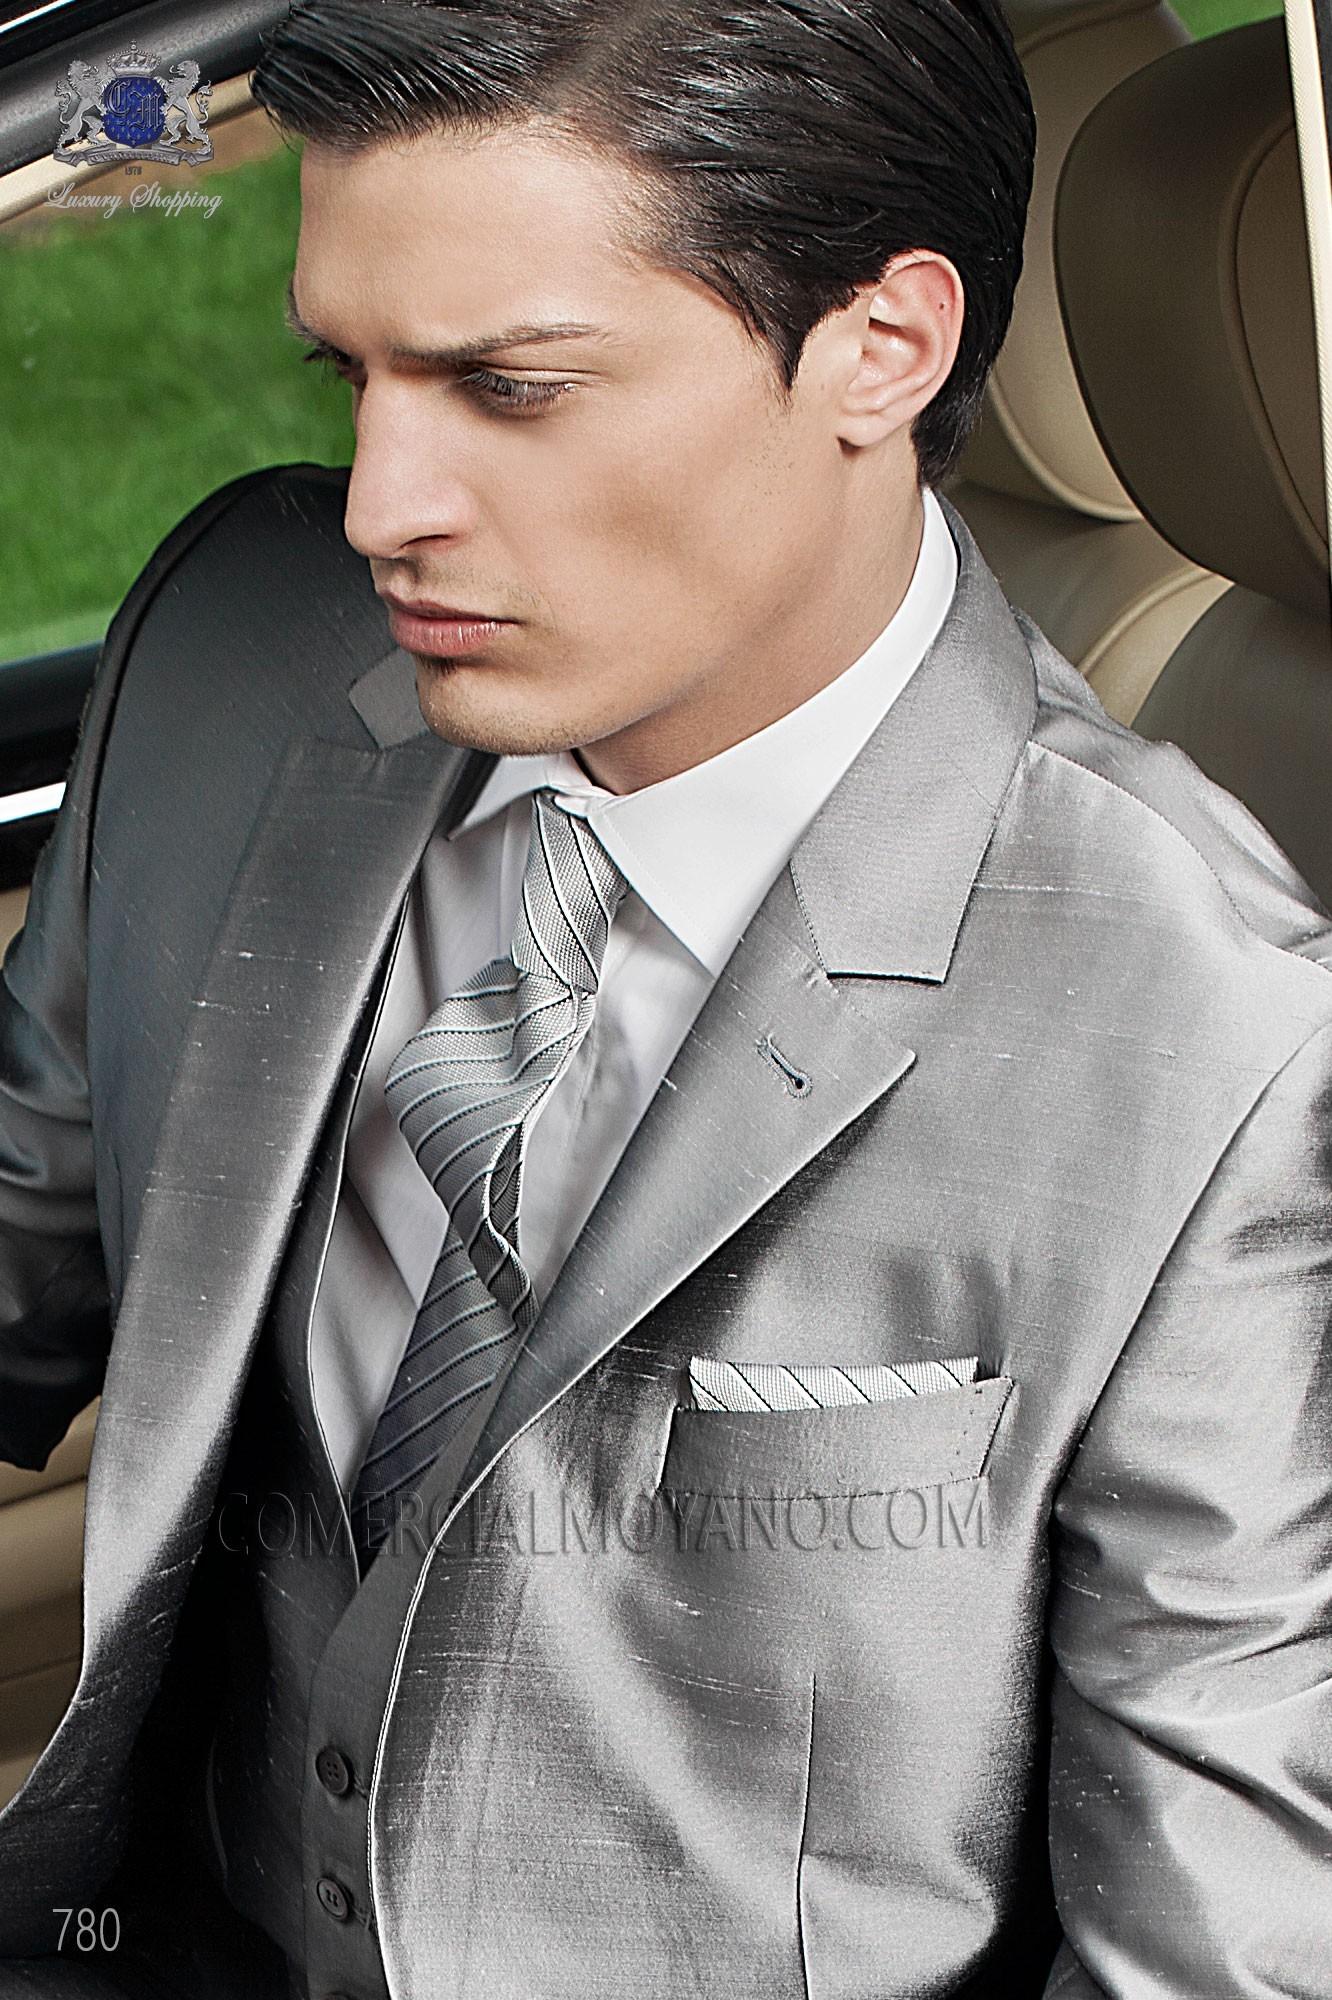 Traje Fashion de novio gris modelo: 780 Ottavio Nuccio Gala colección Fashion